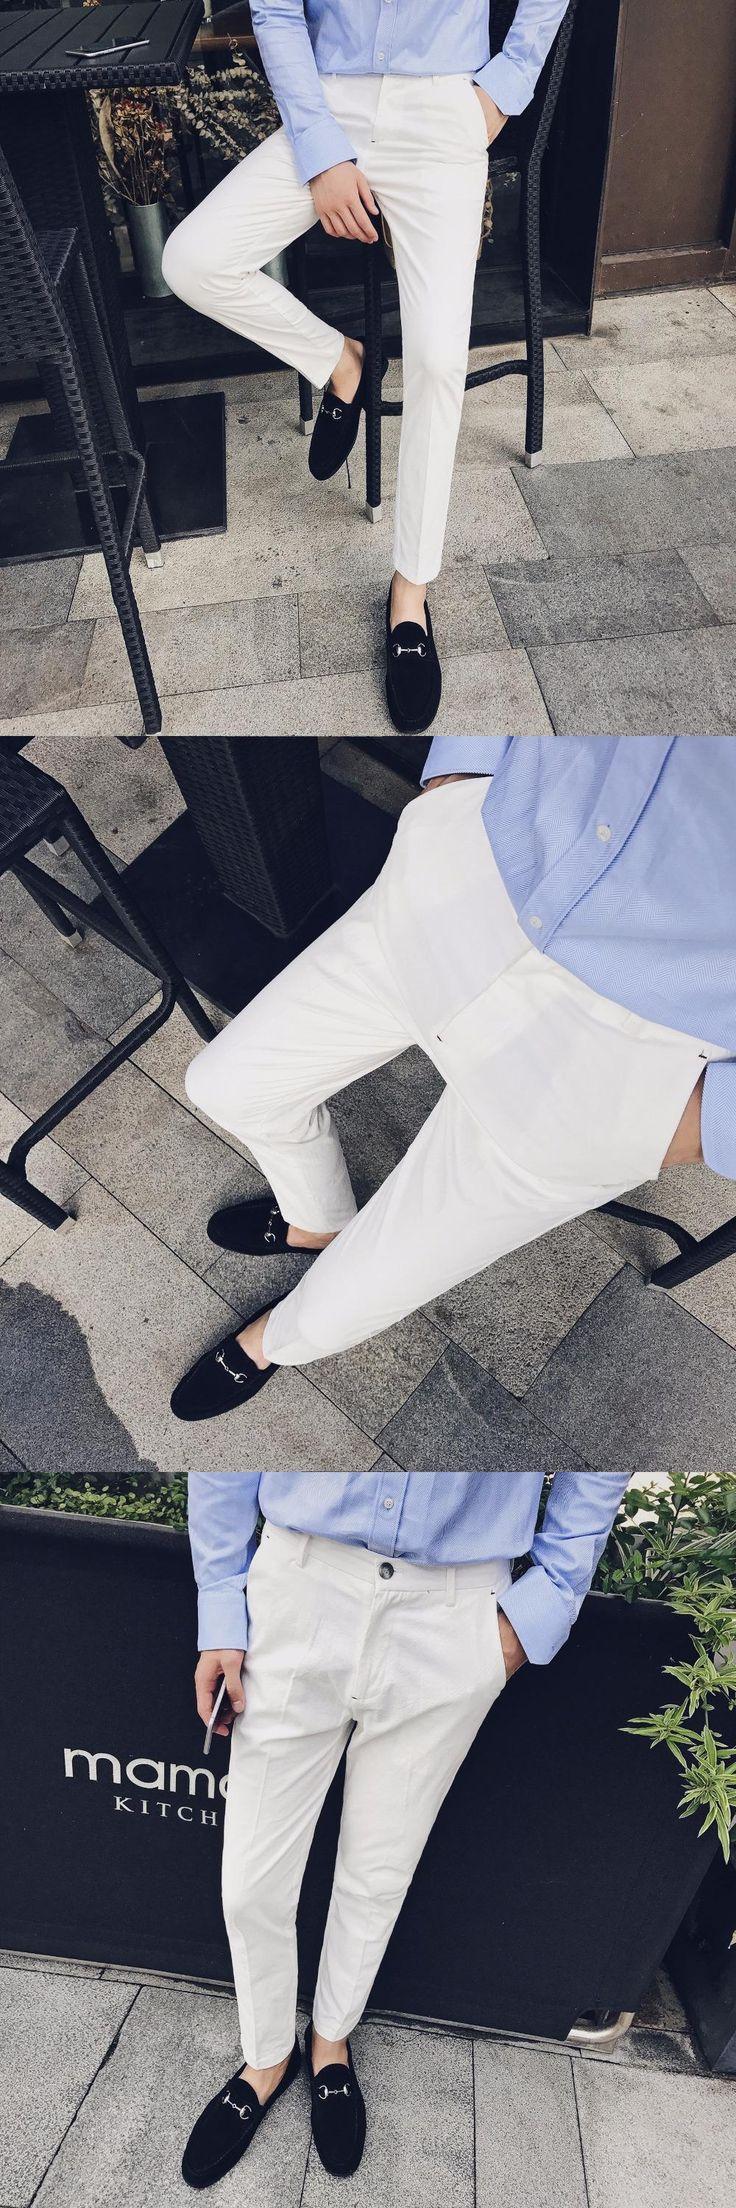 White Trousers Mens Calca Social Slim Fit Suits Pants Wedding Dress 2017 Pantalones Hombre Mens Fashion Casual White Pants Men